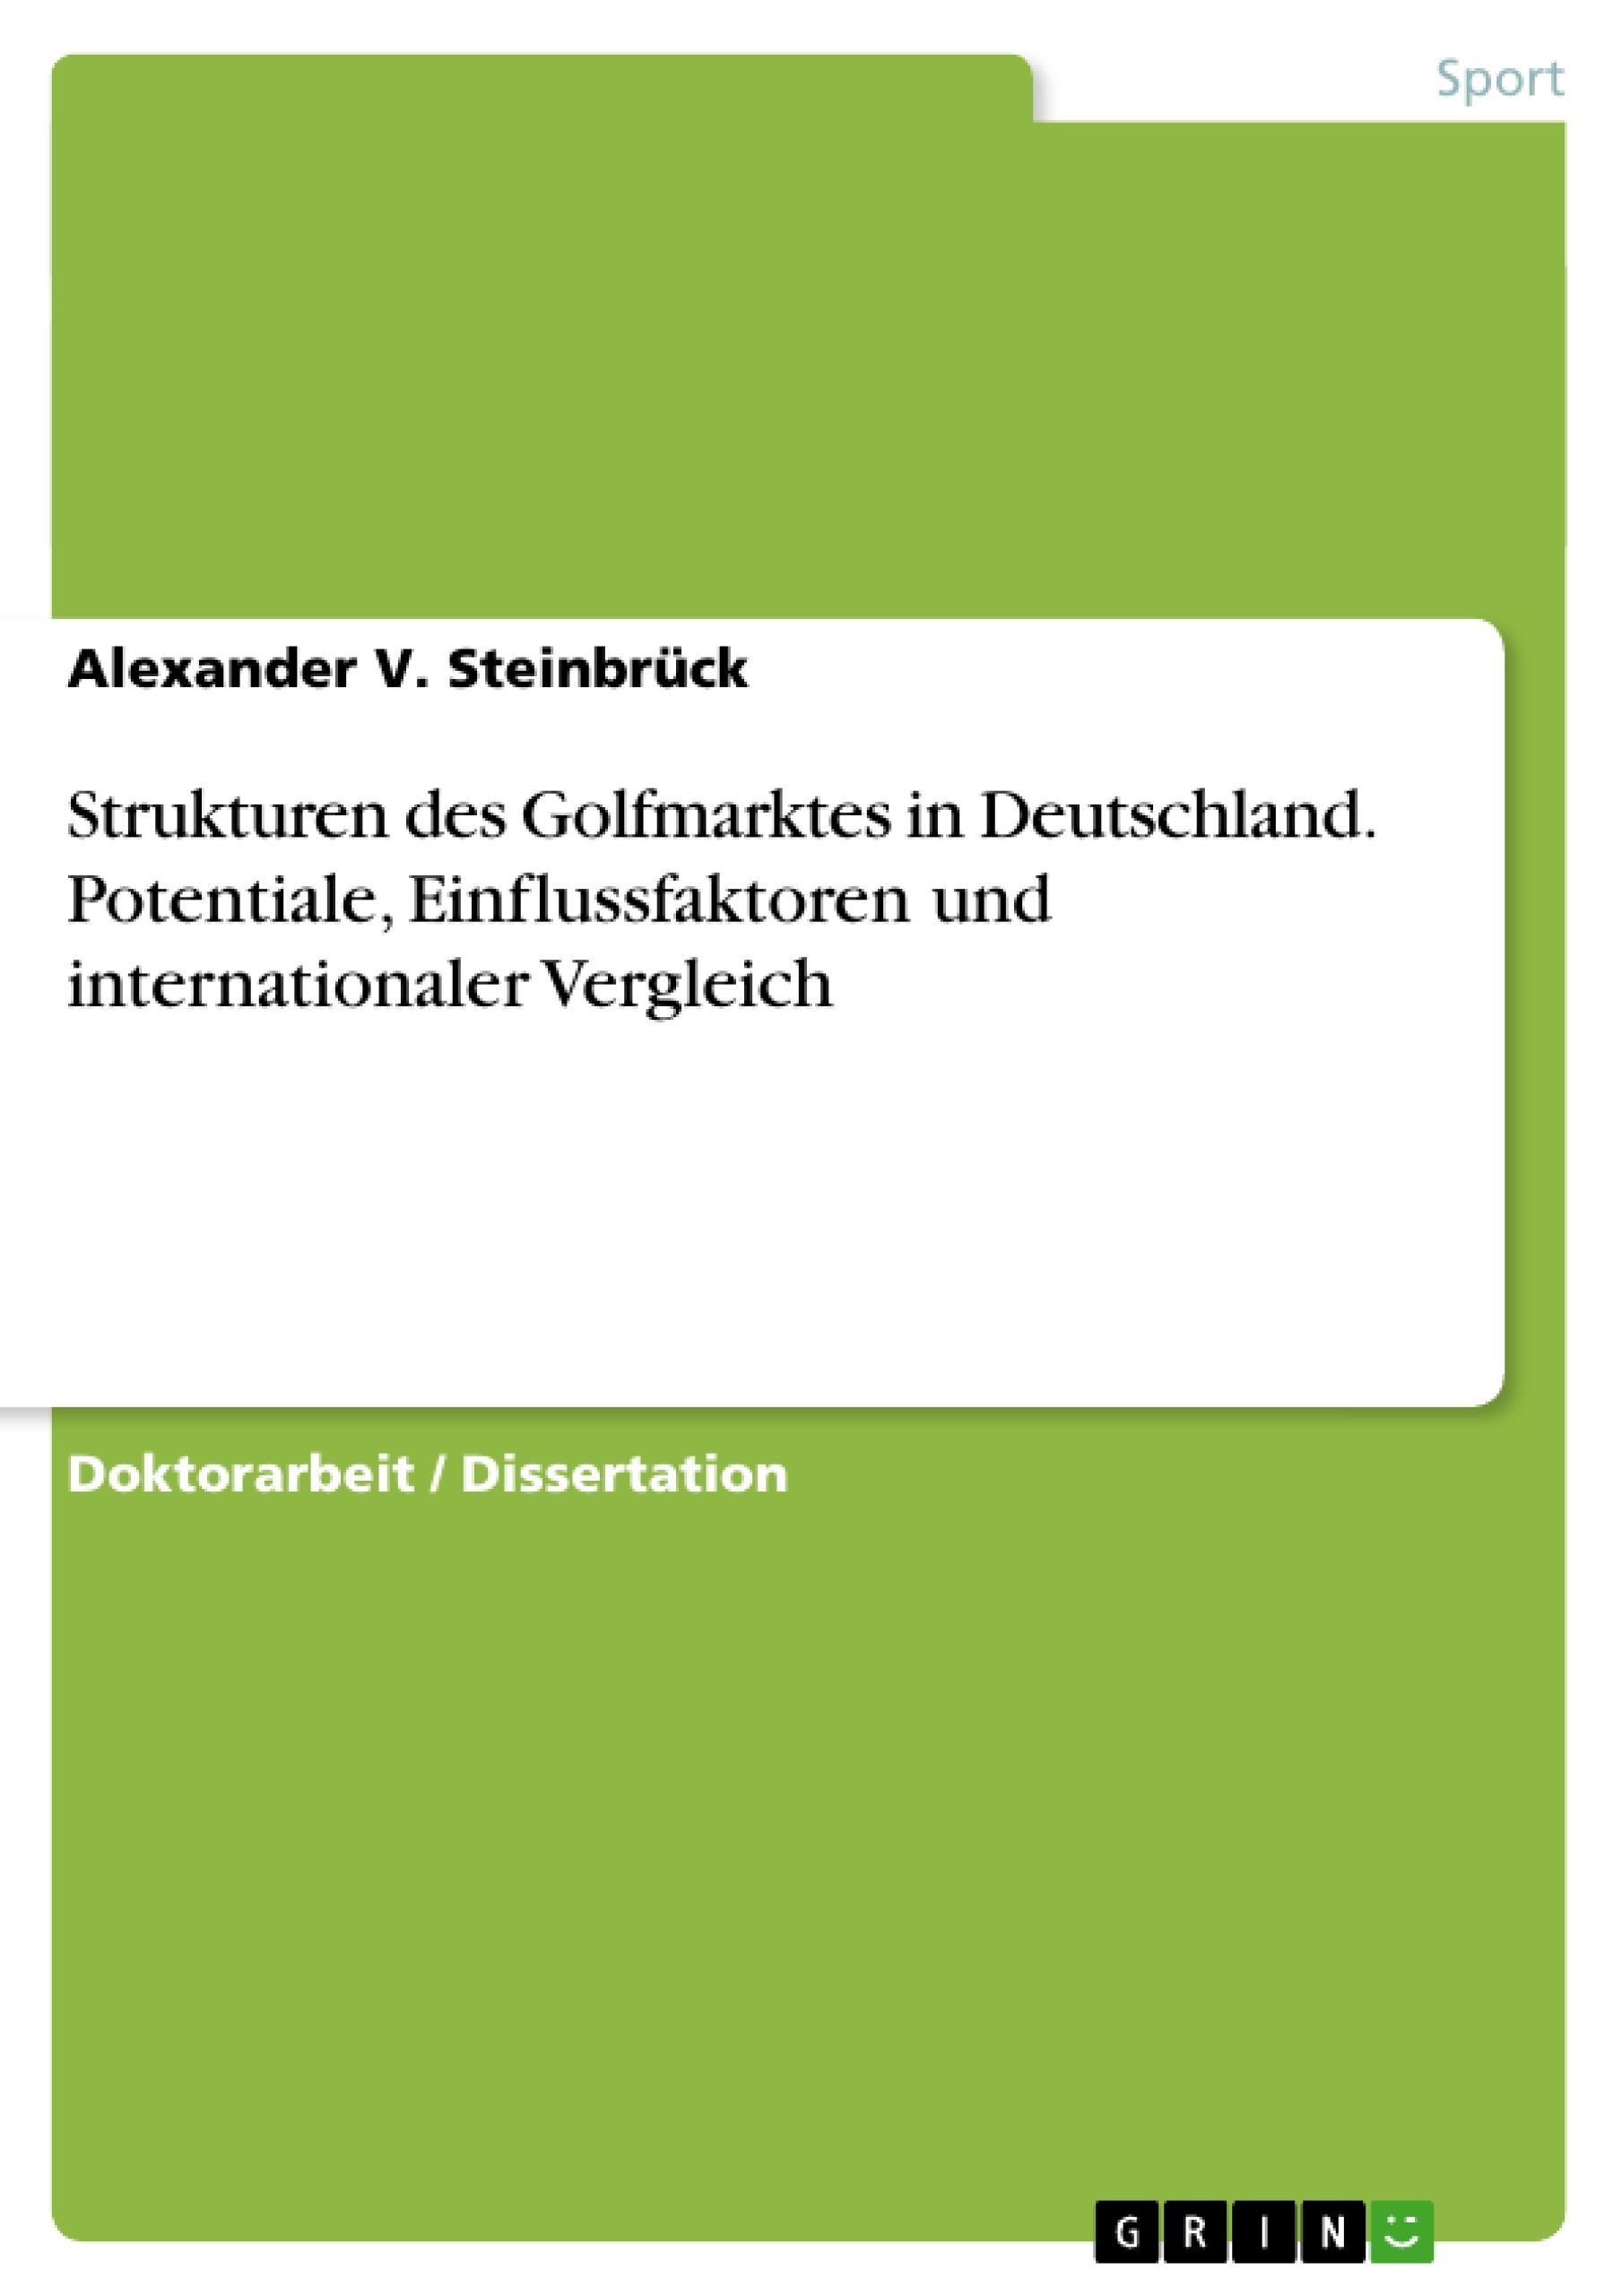 Titel: Strukturen des Golfmarktes in Deutschland. Potentiale, Einflussfaktoren und internationaler Vergleich